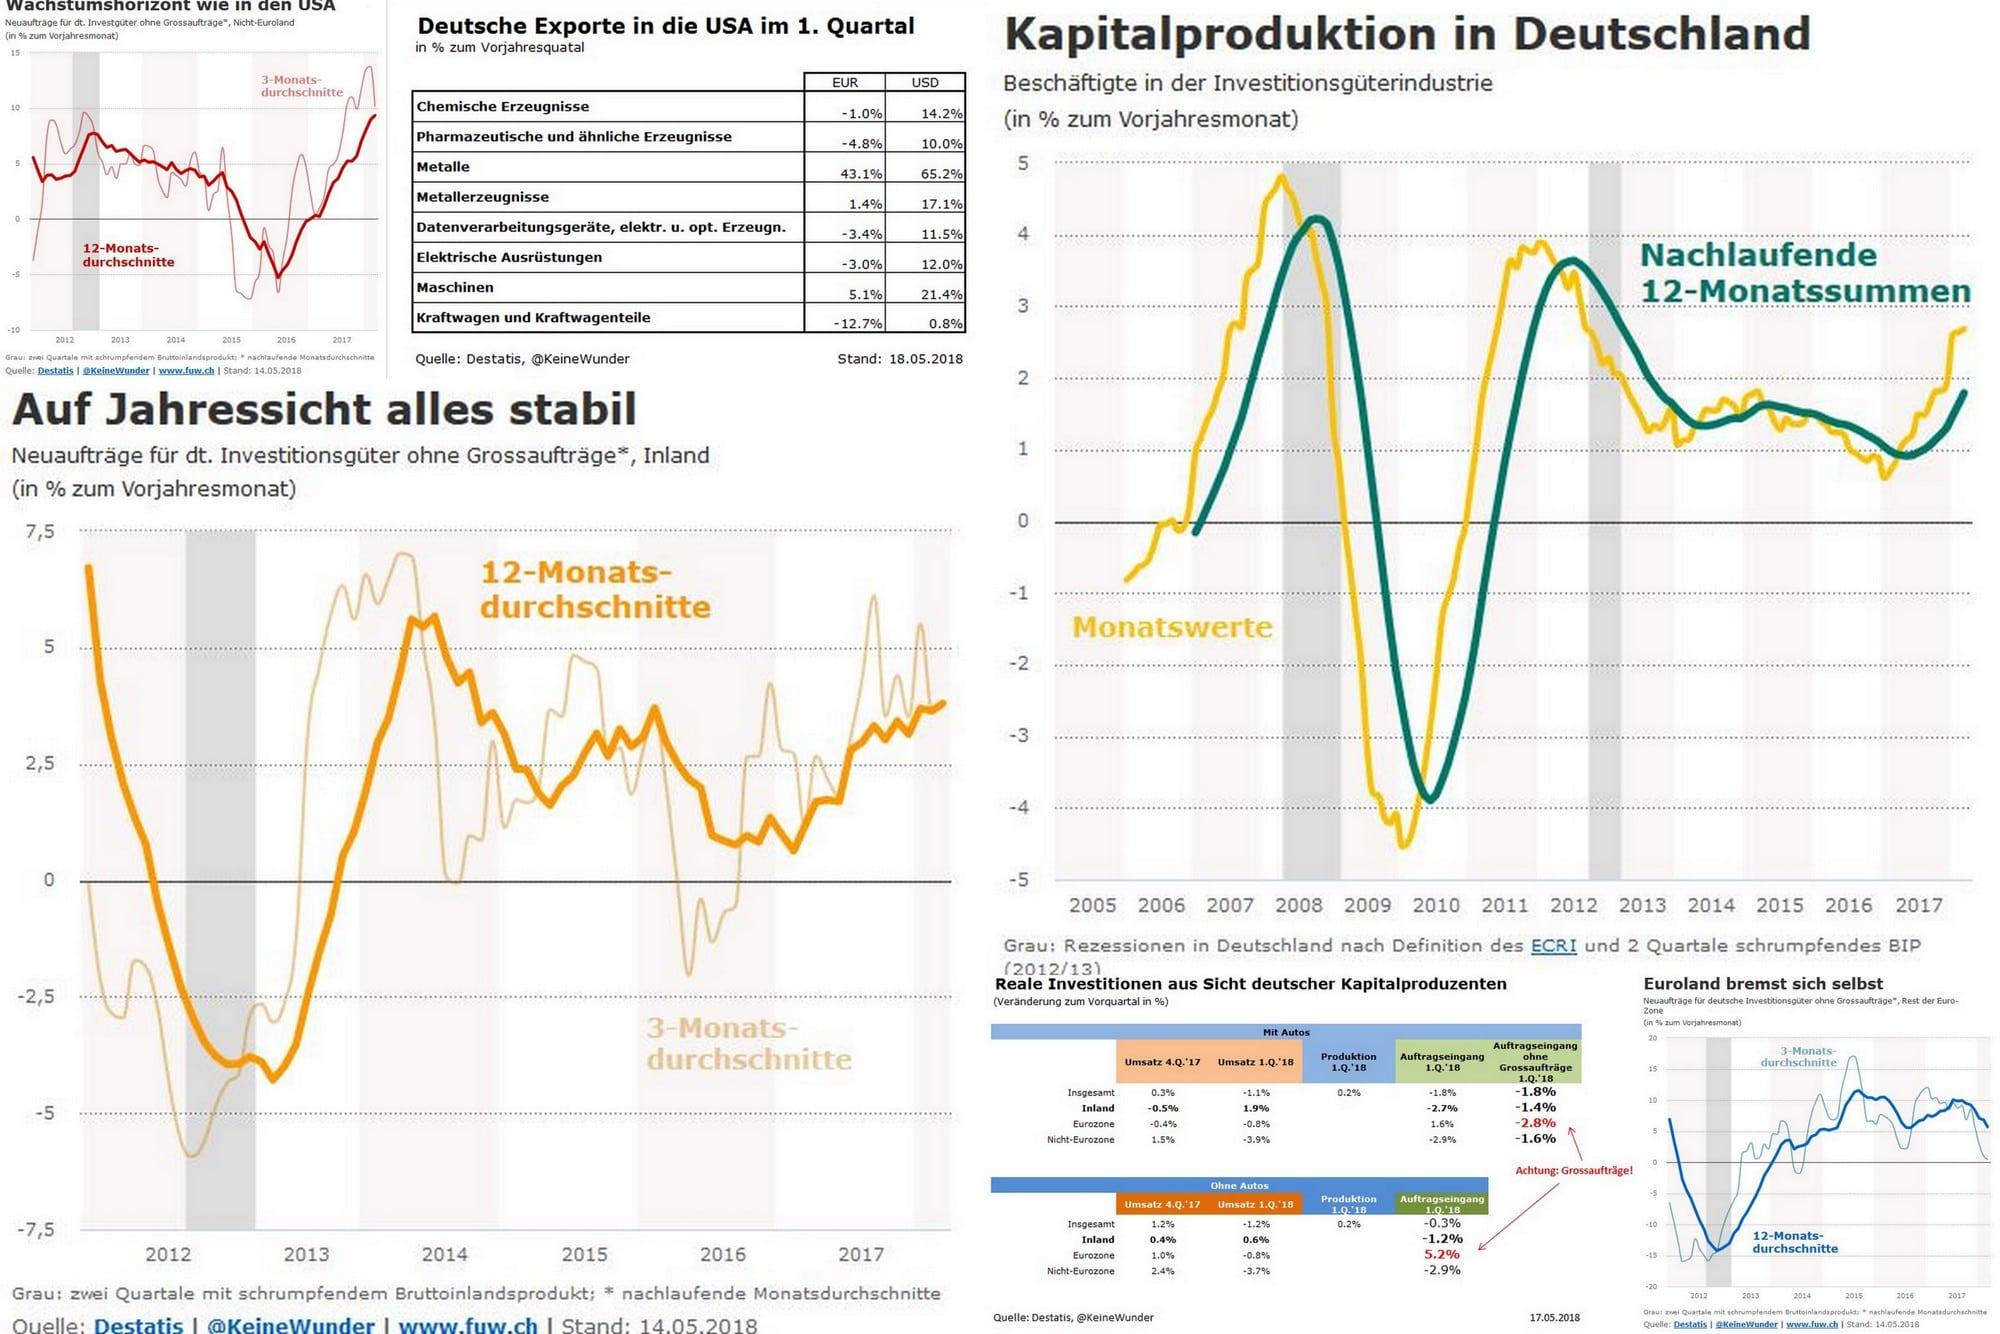 Konjunktur: Richtungssuche in der deutschen Wachstumsdelle